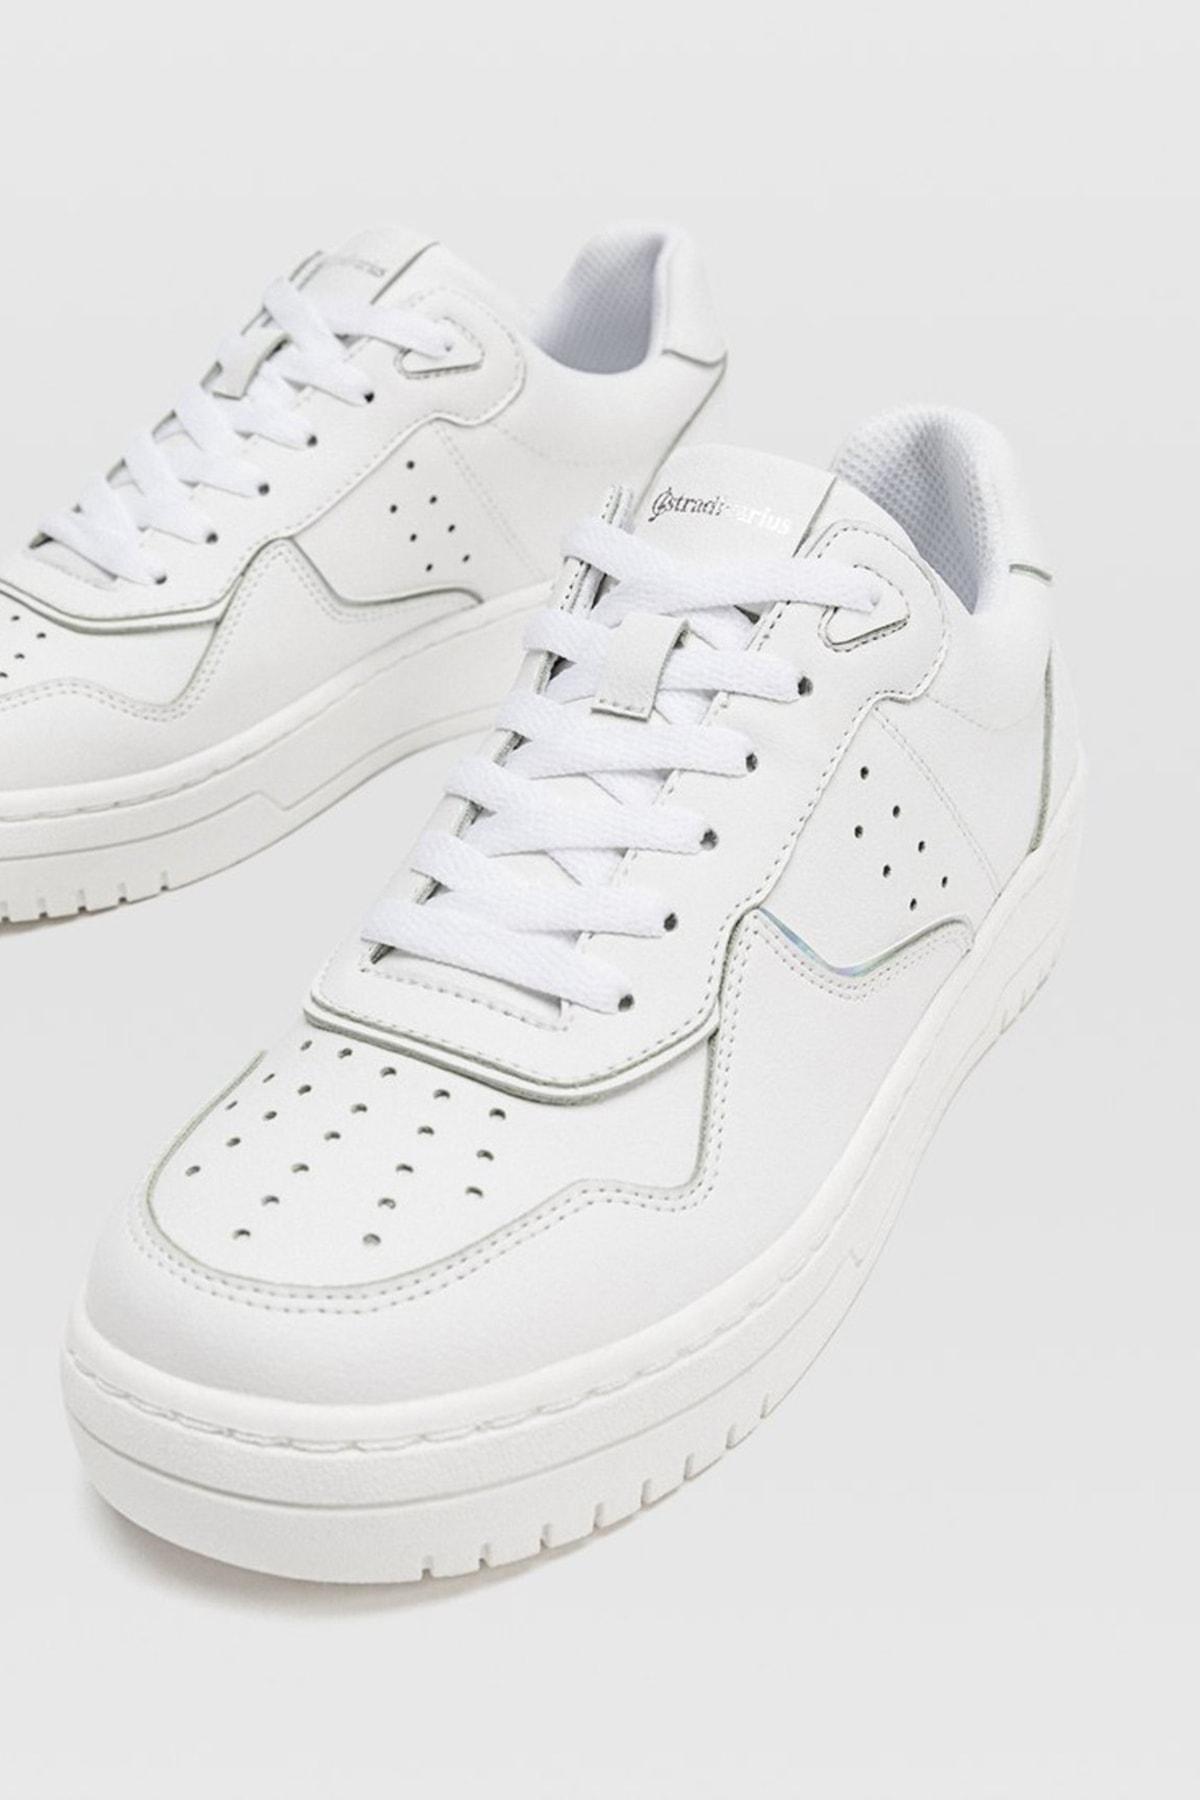 Stradivarius Kadın Beyaz Şeritli Spor Ayakkabı 19002570 3